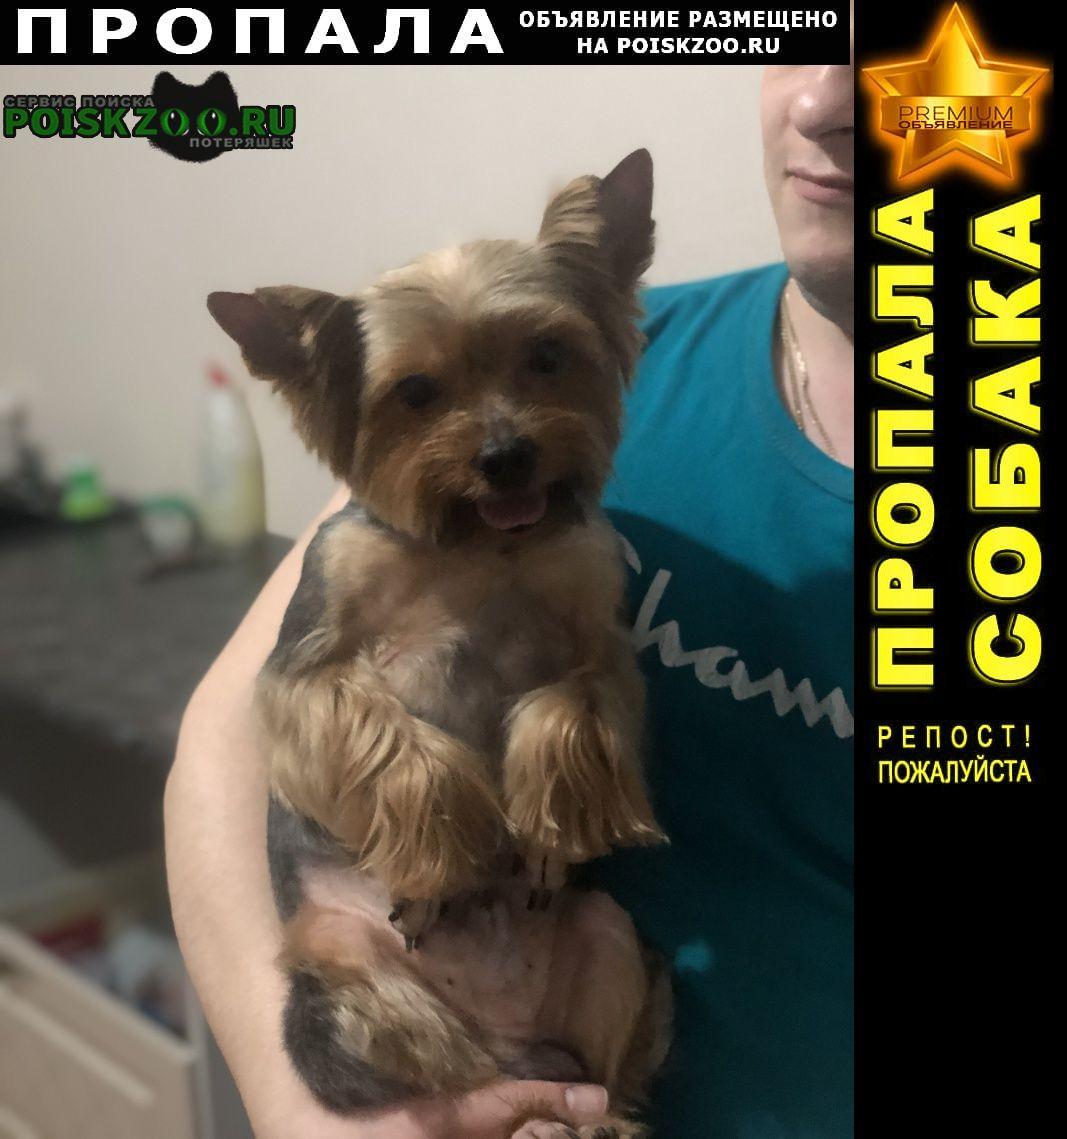 Пропала собака вознаграждение Богородск